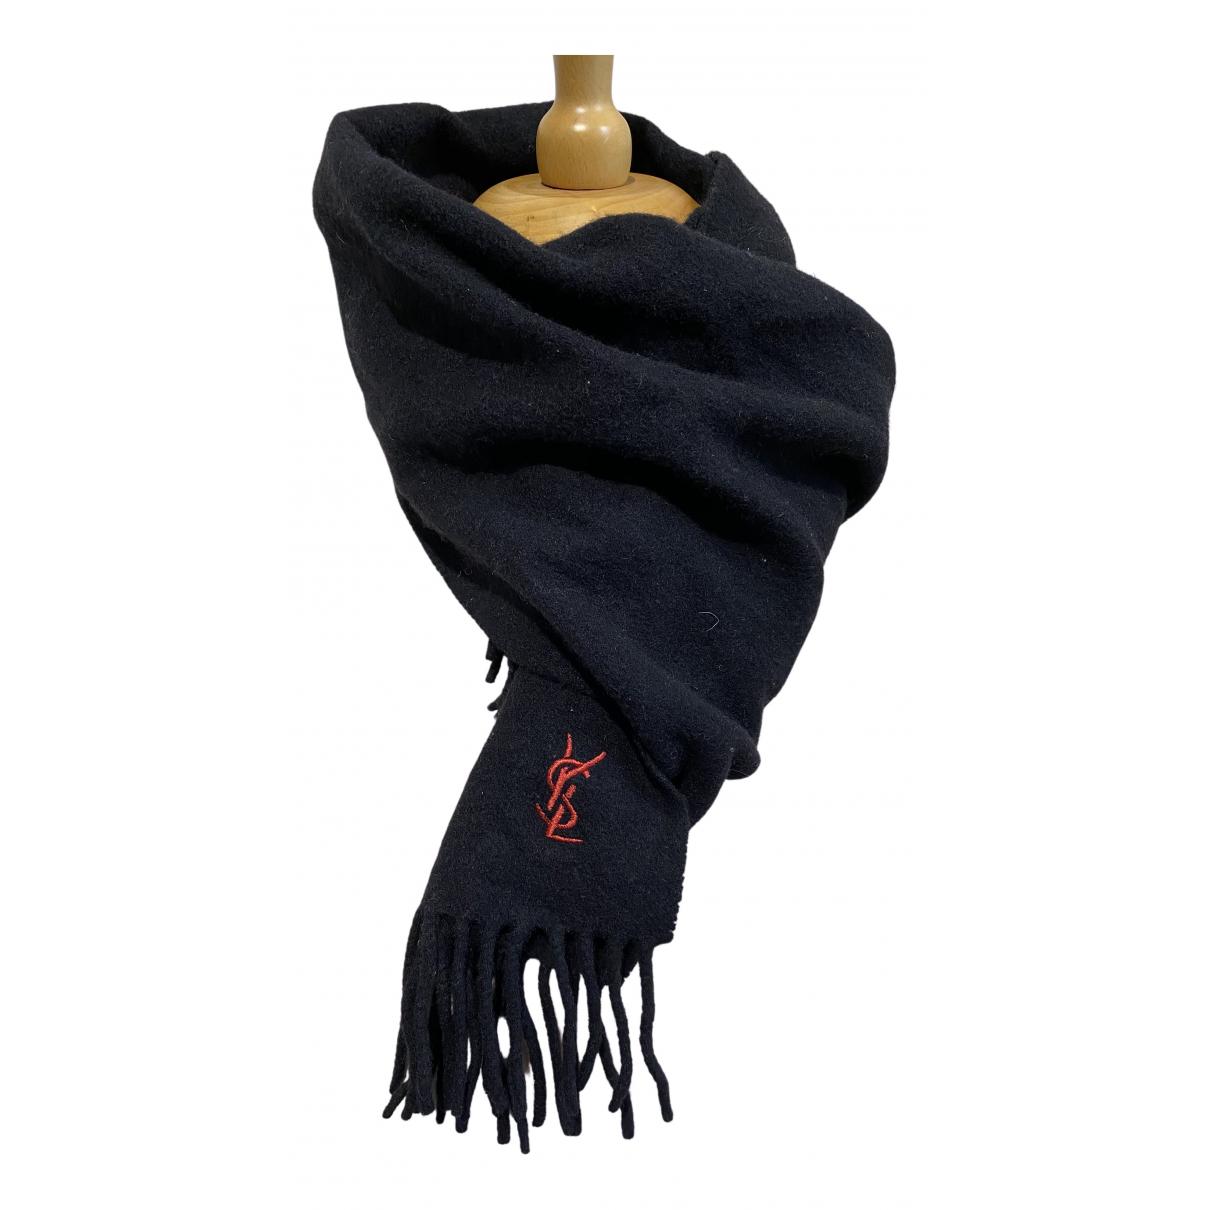 Pañuelo / bufanda de Lana Yves Saint Laurent